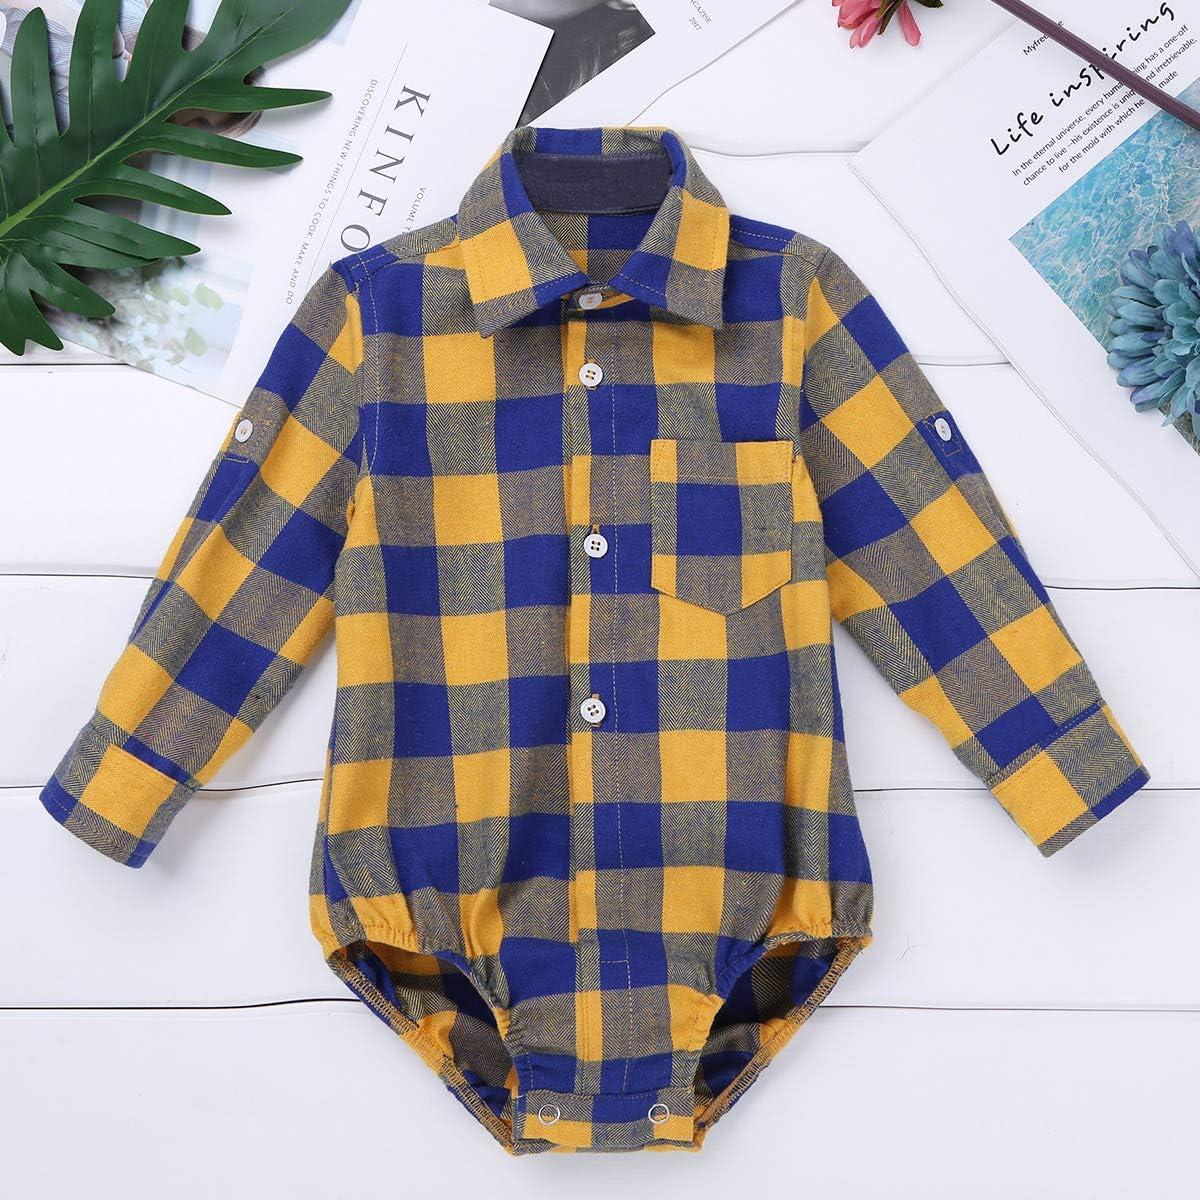 Agoky Camiseta de Cuadros para Bebé Niño Jumpsuit Mameluco Manga Larga Camisa Casual Mono Bebe Recién Nacido Romper Traje Fiesta: Amazon.es: Ropa y accesorios